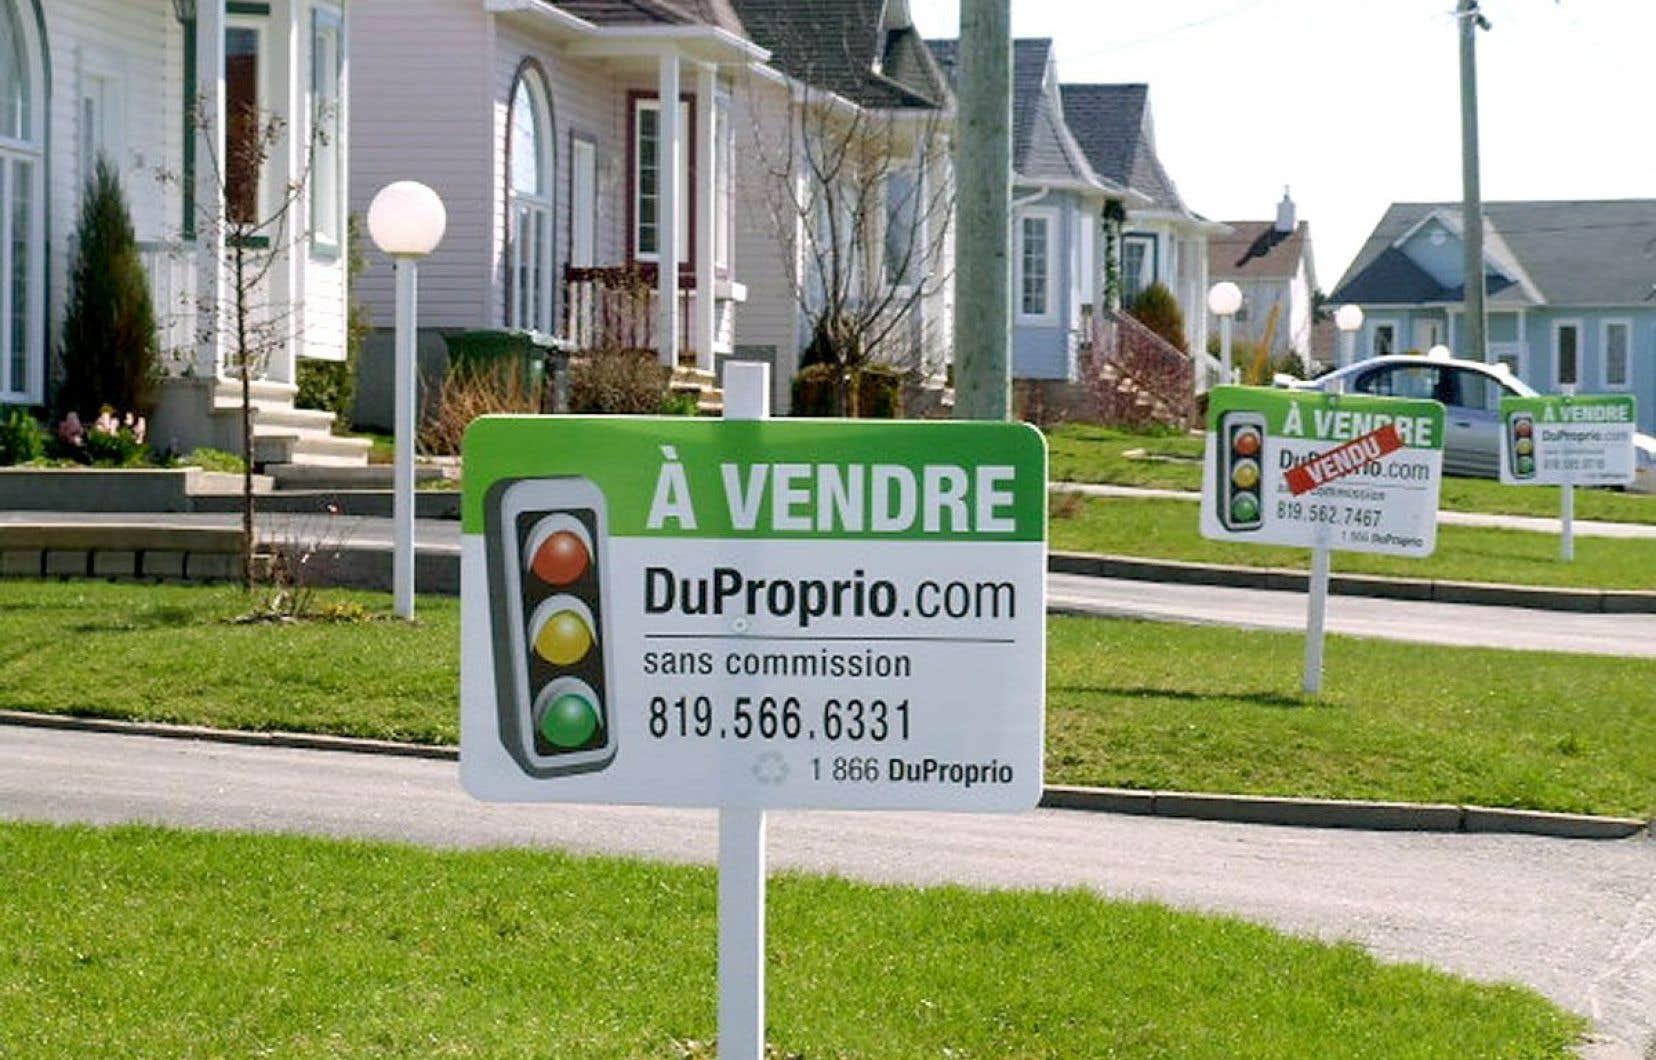 Selon Page Jaunes, DuPropio/ComFree (DPCF) est le quatrième réseau numérique immobilier le plus visité au pays et le site immobilier numéro un au Québec.